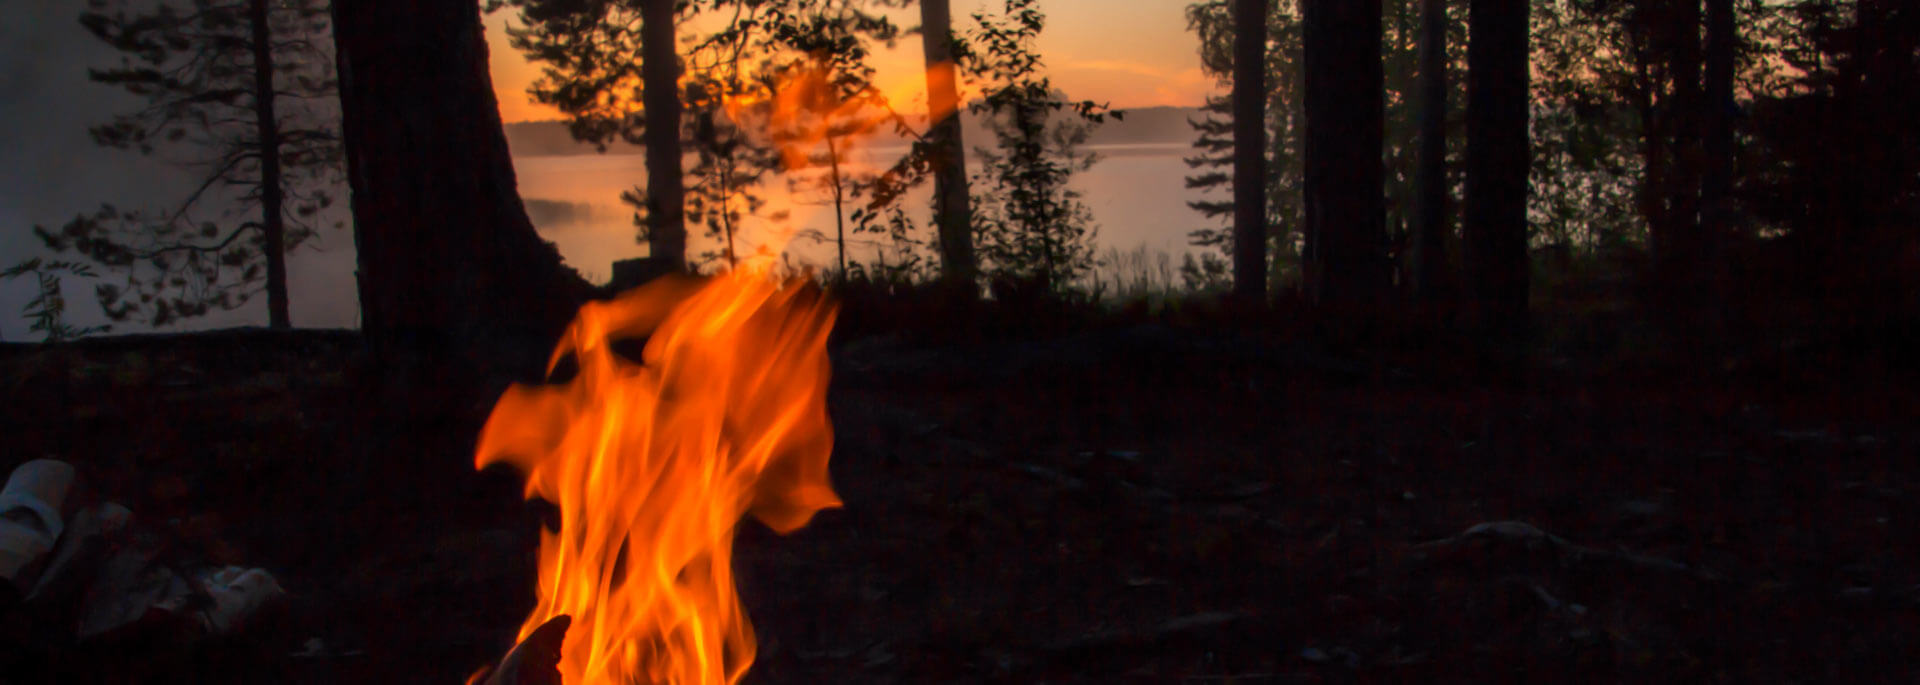 Reisetipp: Mittsommernacht in Skandinavien